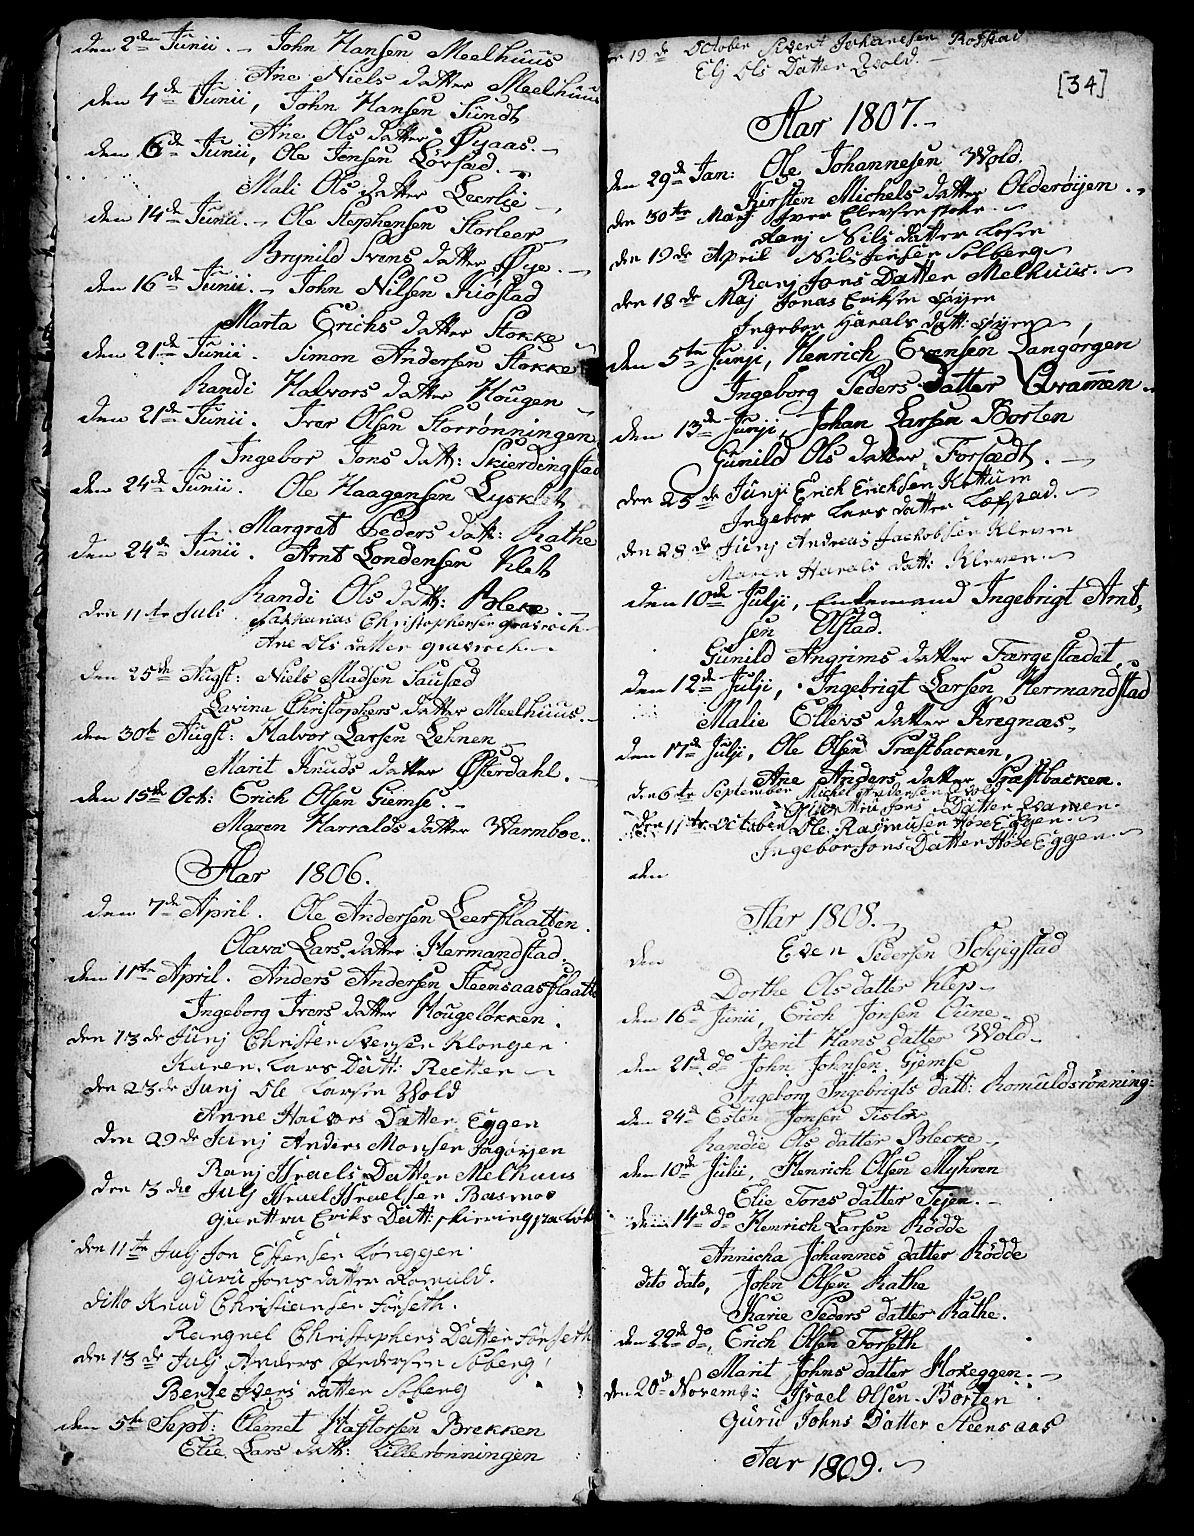 SAT, Ministerialprotokoller, klokkerbøker og fødselsregistre - Sør-Trøndelag, 691/L1091: Klokkerbok nr. 691C02, 1802-1815, s. 34